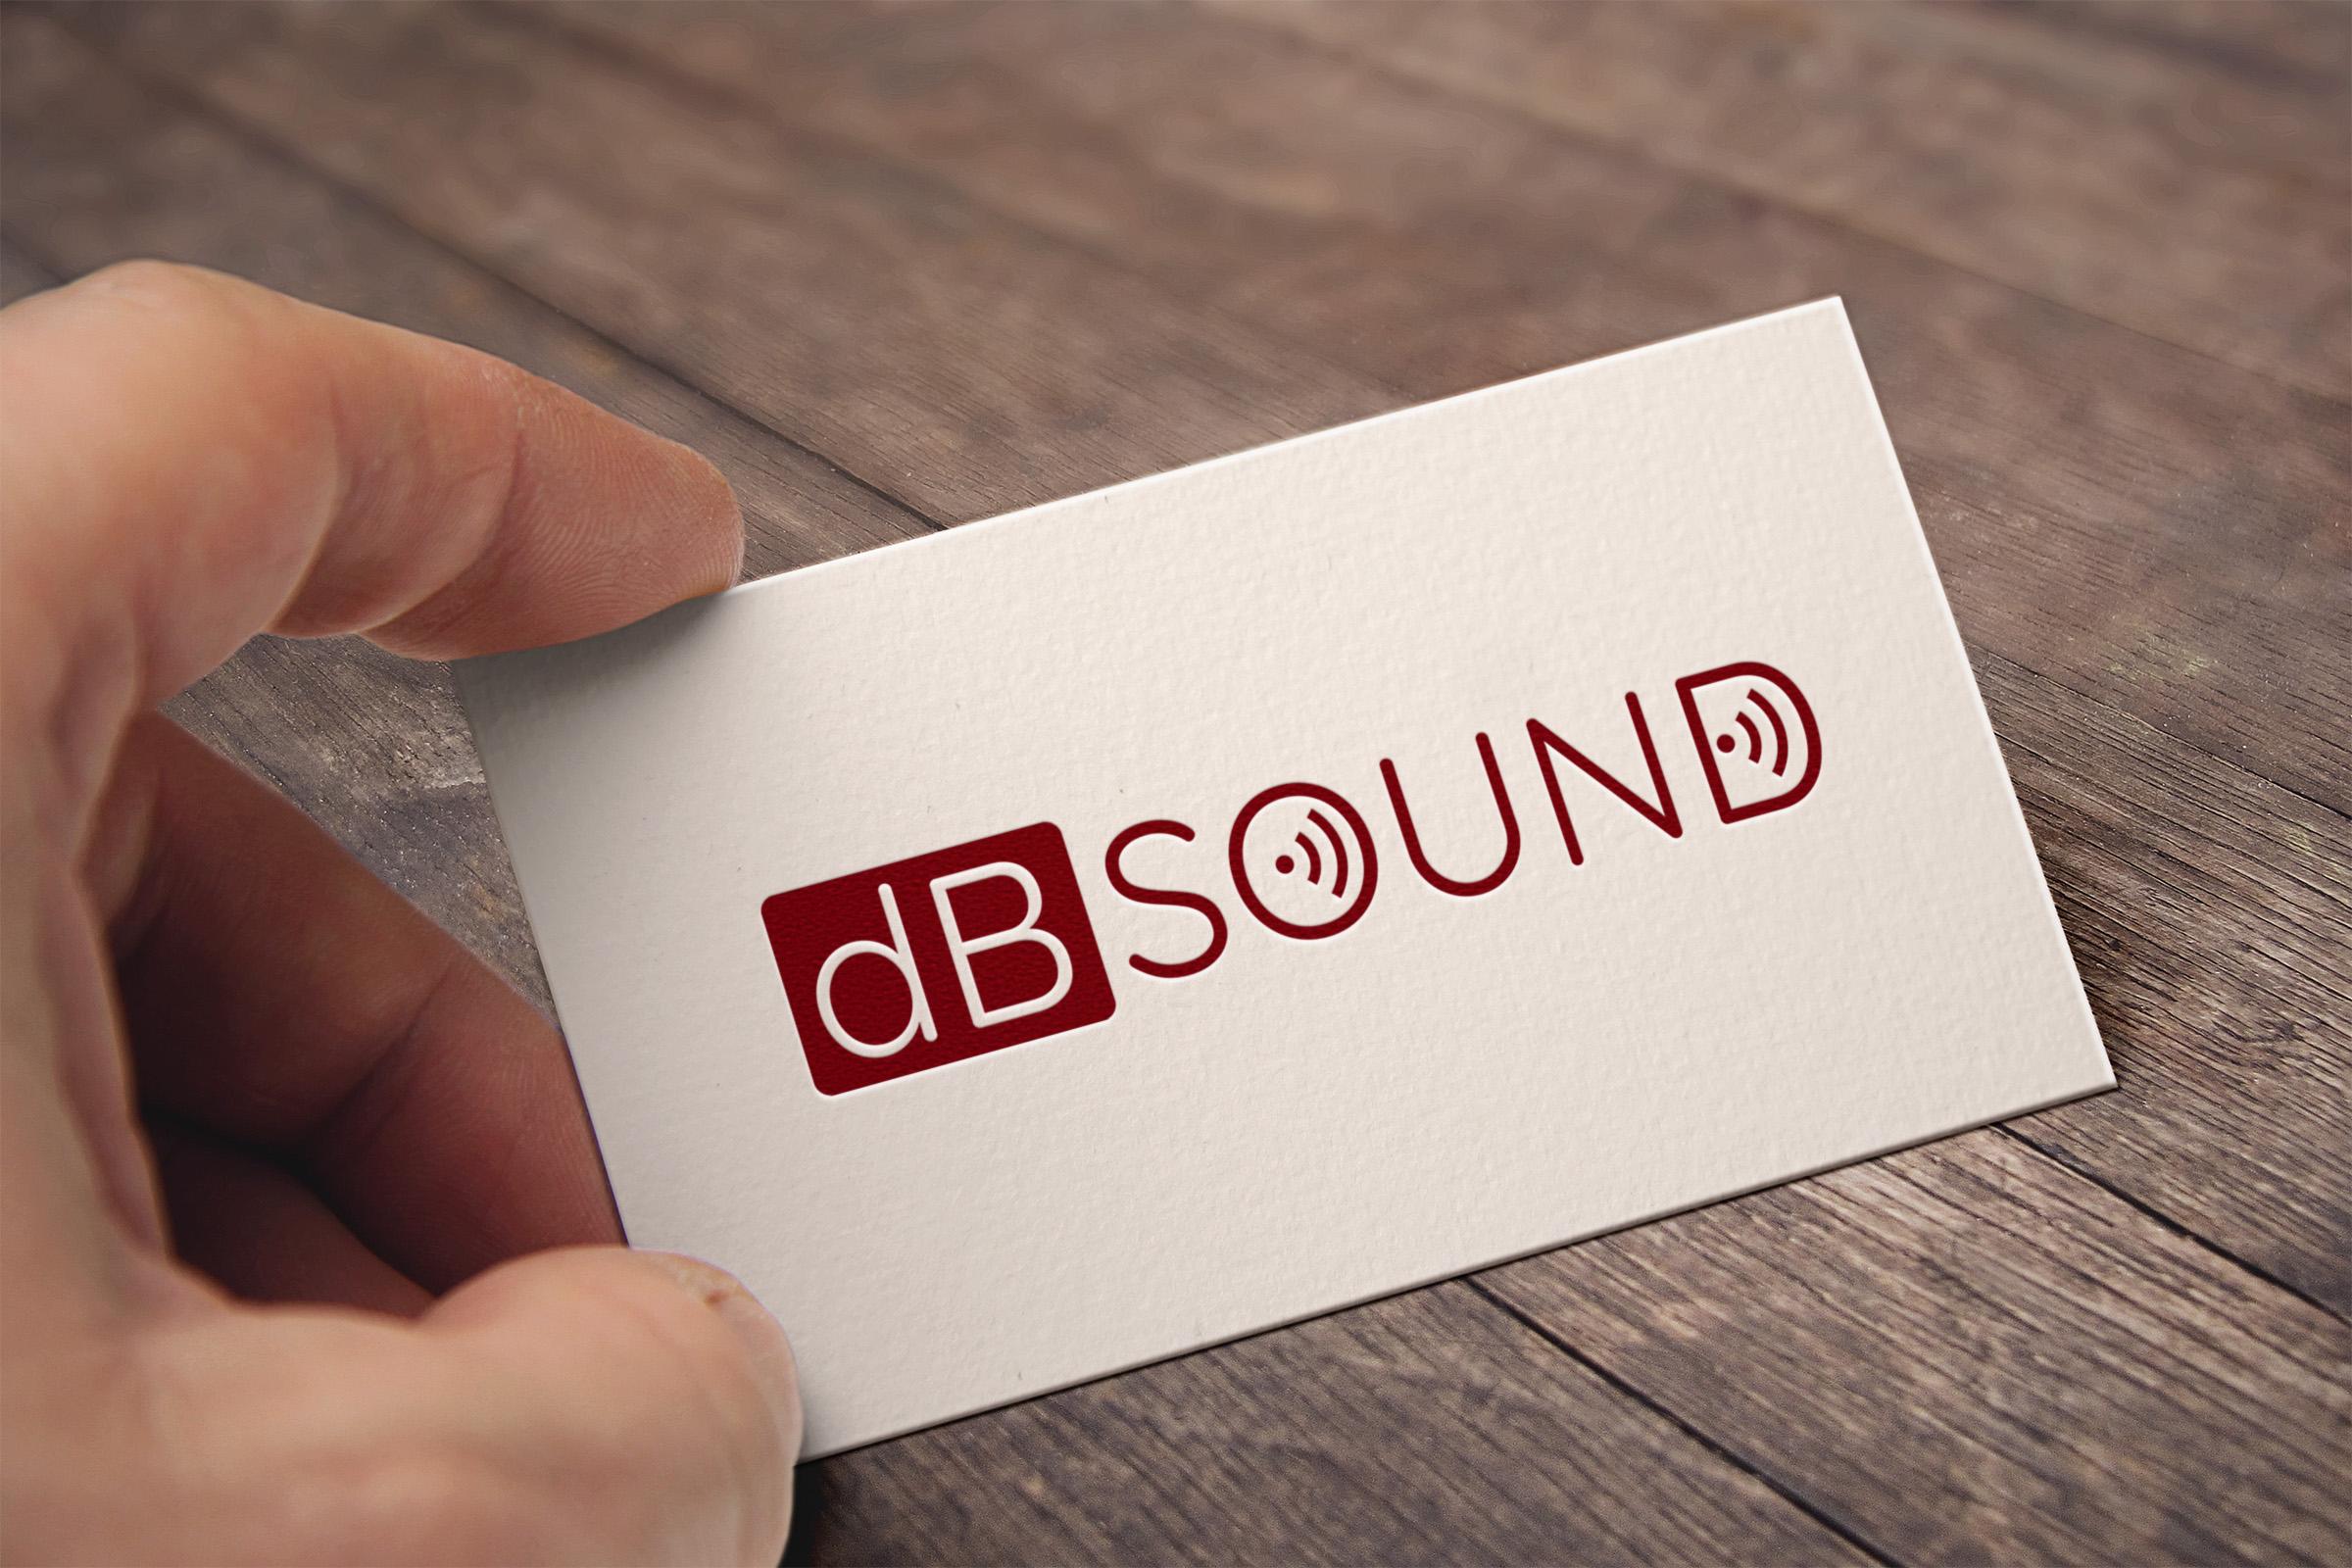 Создание логотипа для компании dB Sound фото f_09159b8a601cd3b4.jpg